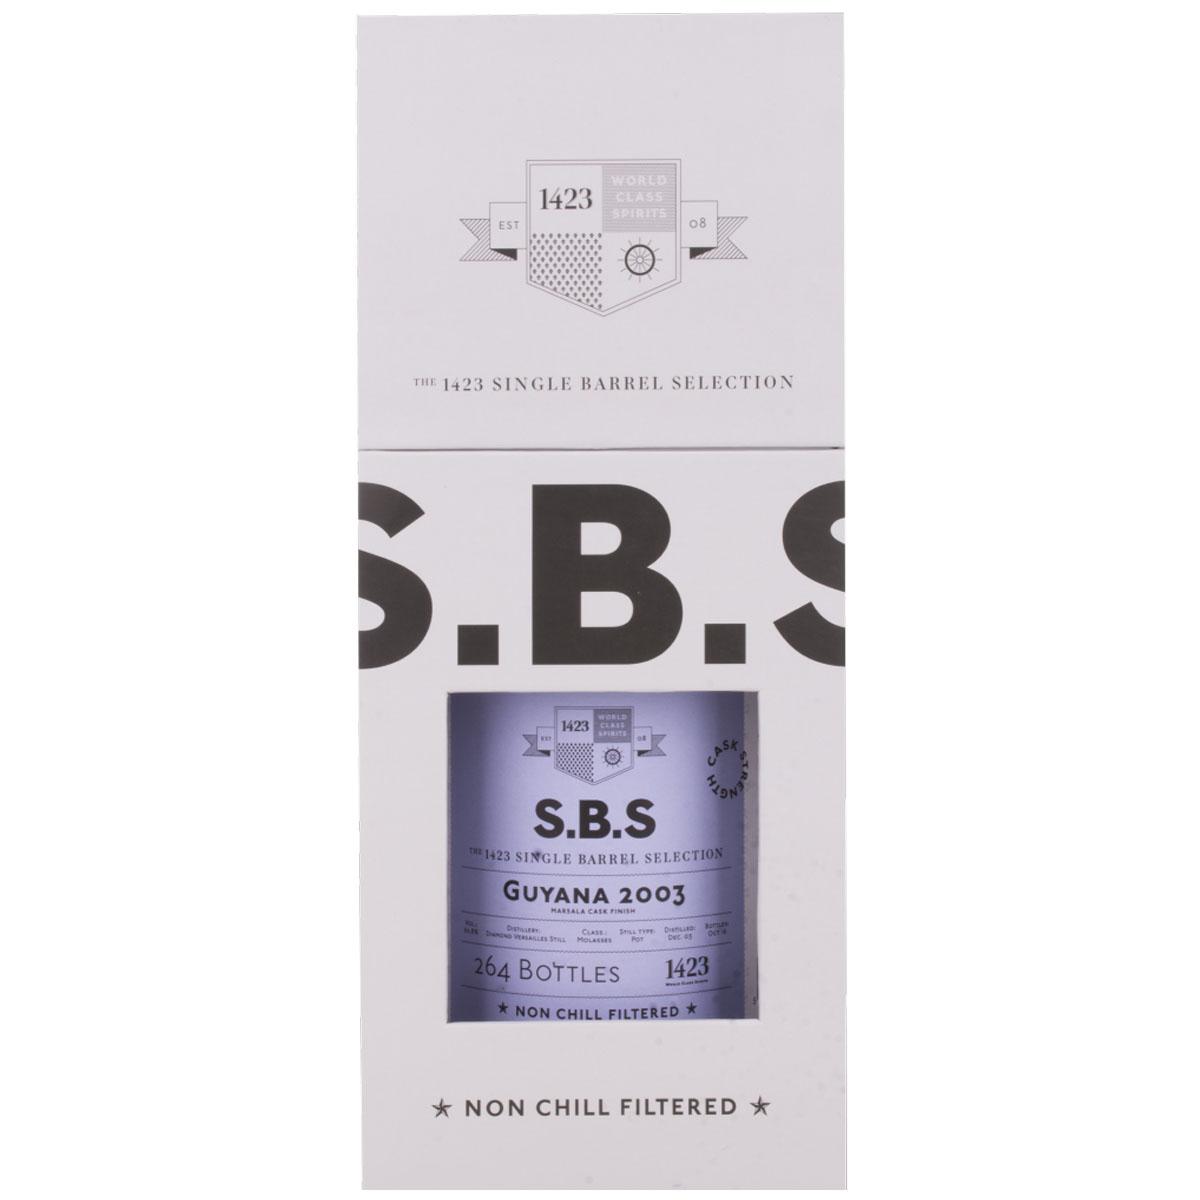 1423 S.B.S GUYANA Diamond Cask Strength Rum + GB 2003